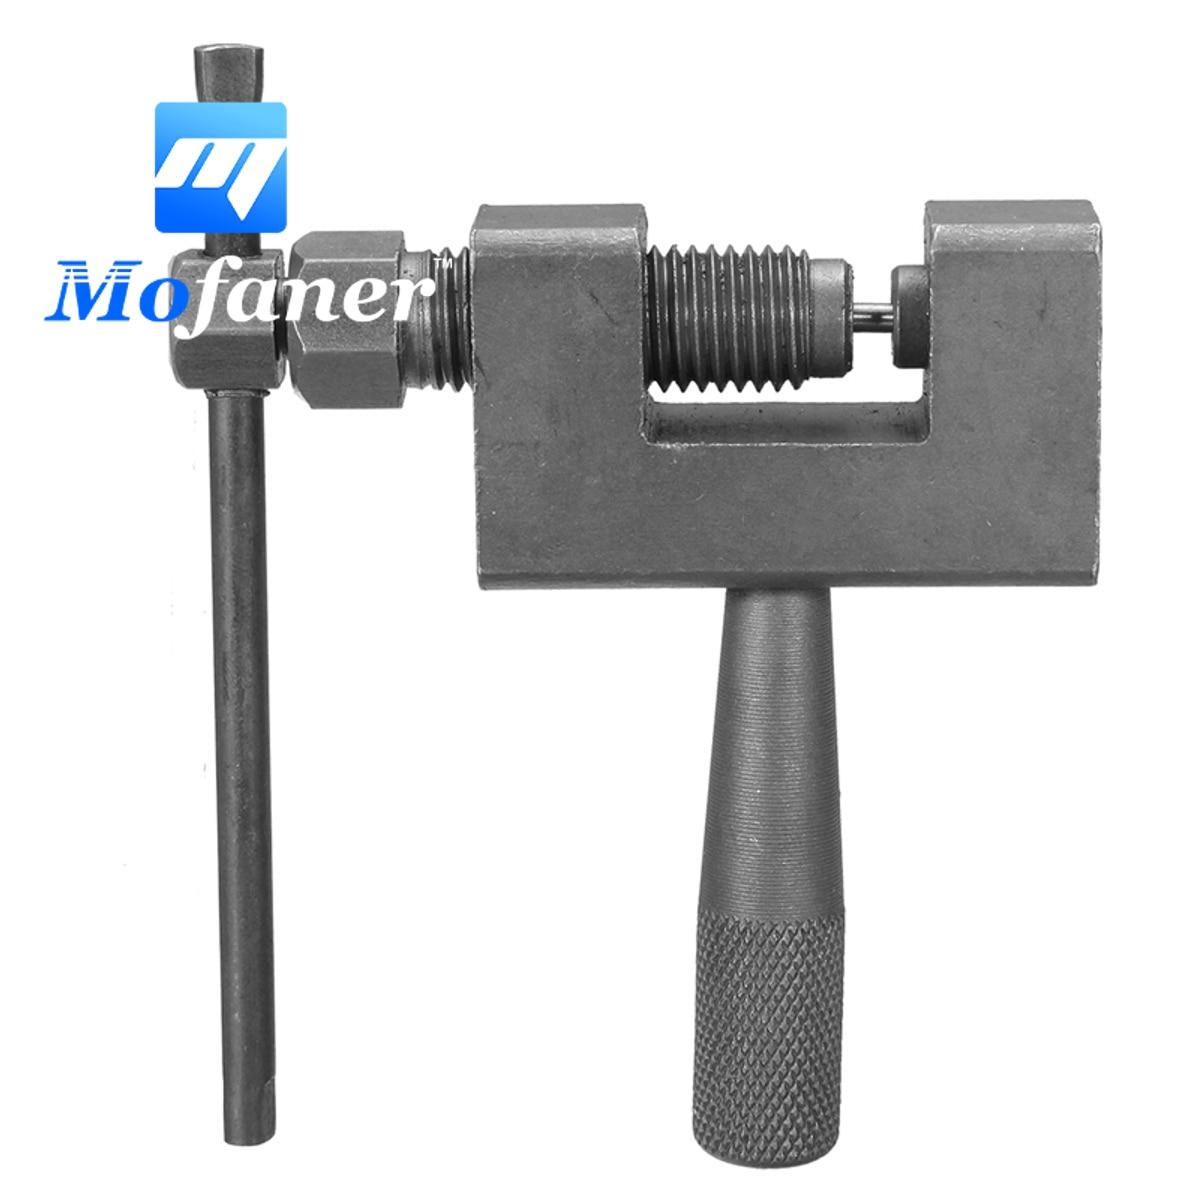 Motorcycle Single Chain Breaker Link Repair Splitter Removal Tool